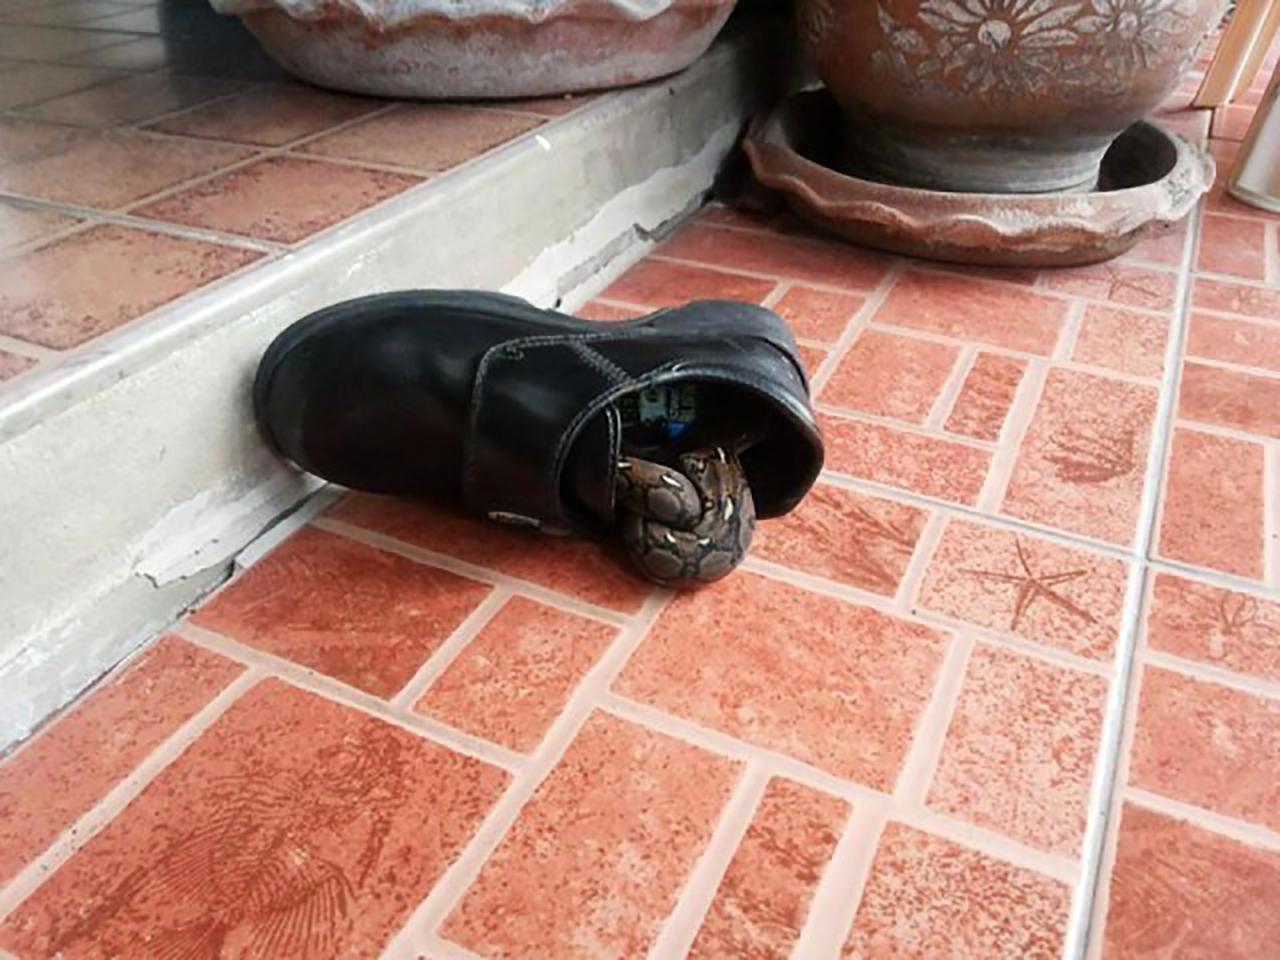 งูอยู่ในรองเท้า